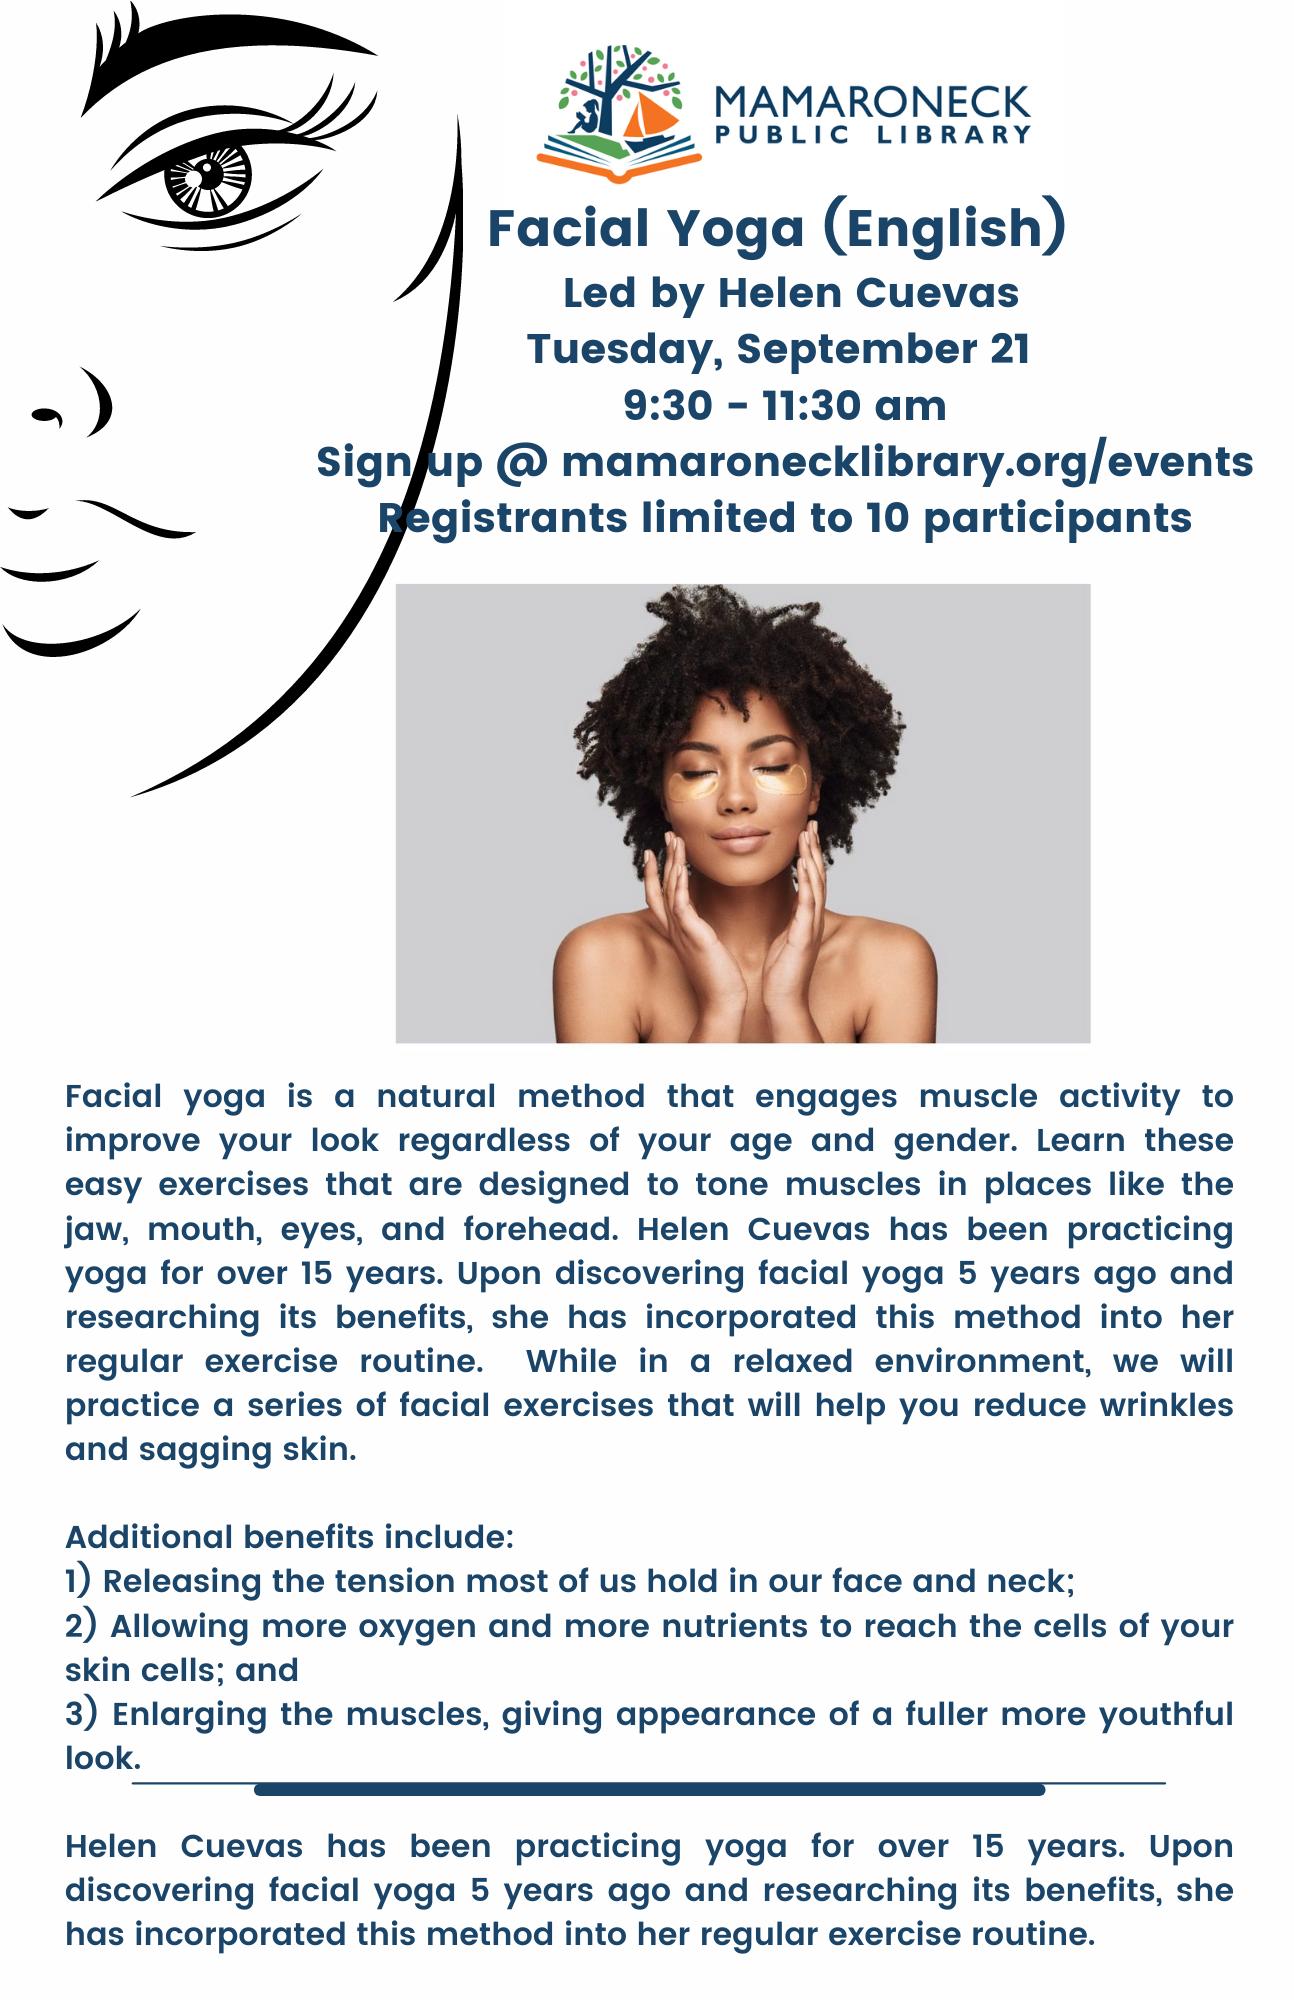 flyer for facial yoga program